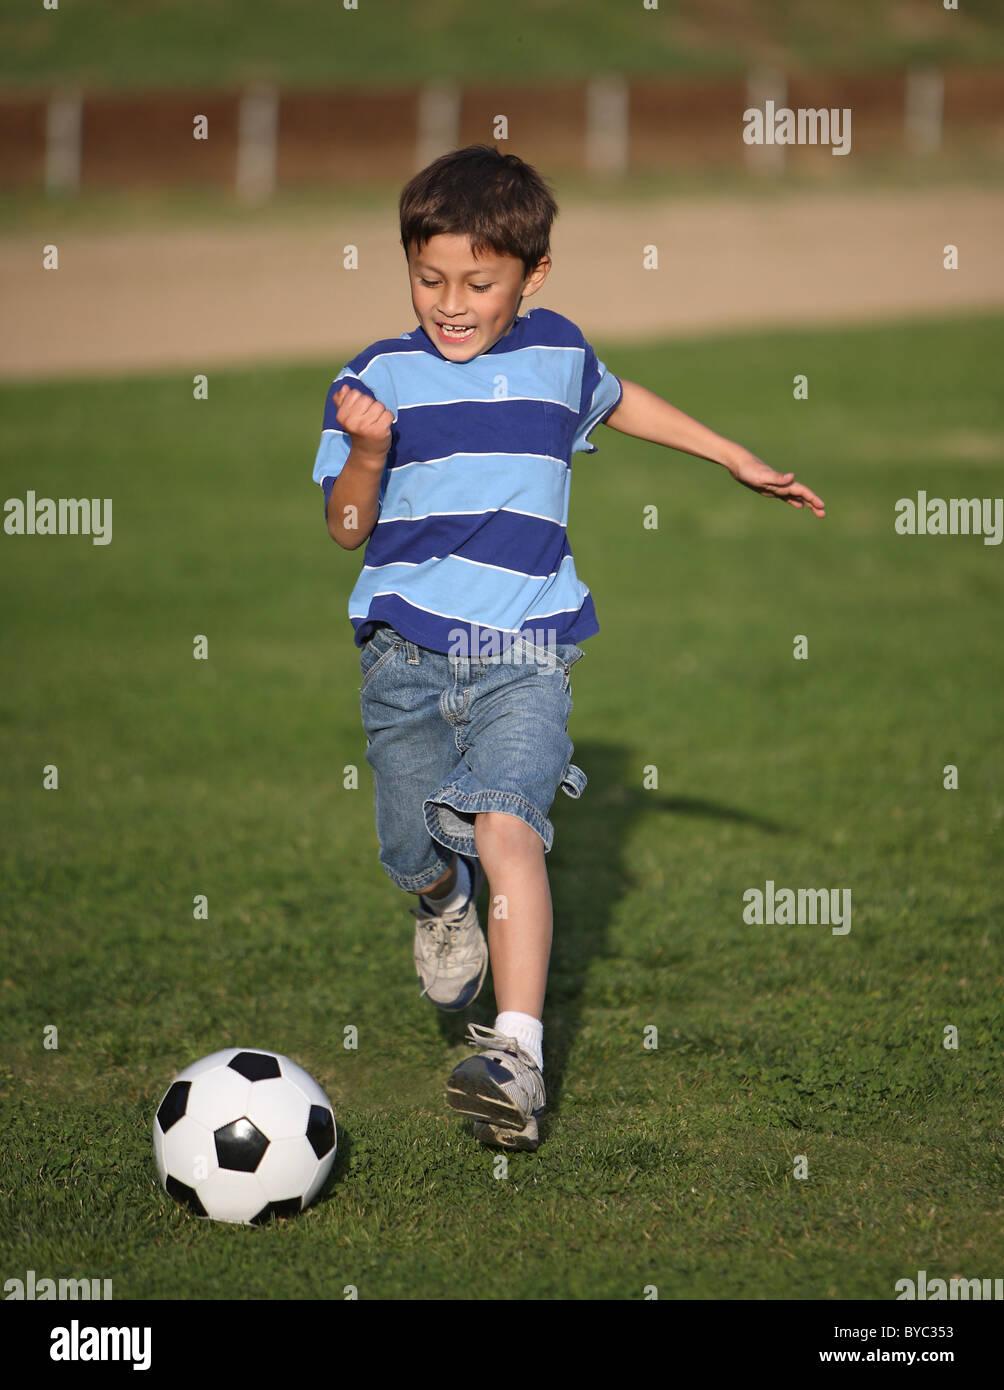 Autentica happy Latino ragazzo giocando con il pallone da calcio in campo indossando blue striped tee shirt. Immagini Stock